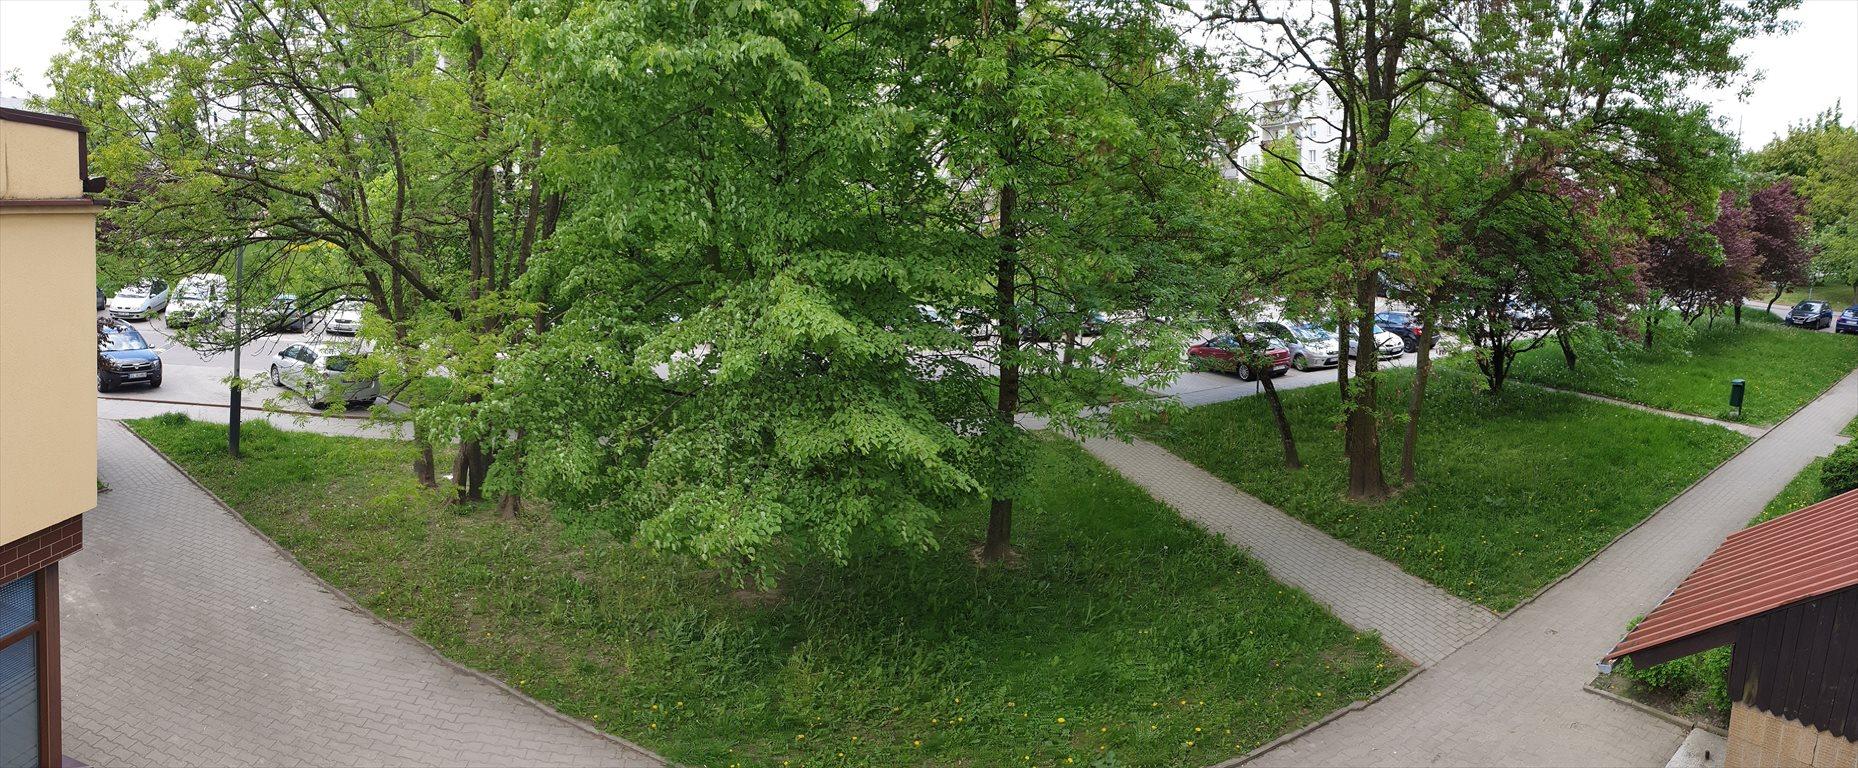 Mieszkanie trzypokojowe na sprzedaż Łódź, Bałuty, Radogoszcz Wschód, Wiankowa 9  62m2 Foto 12